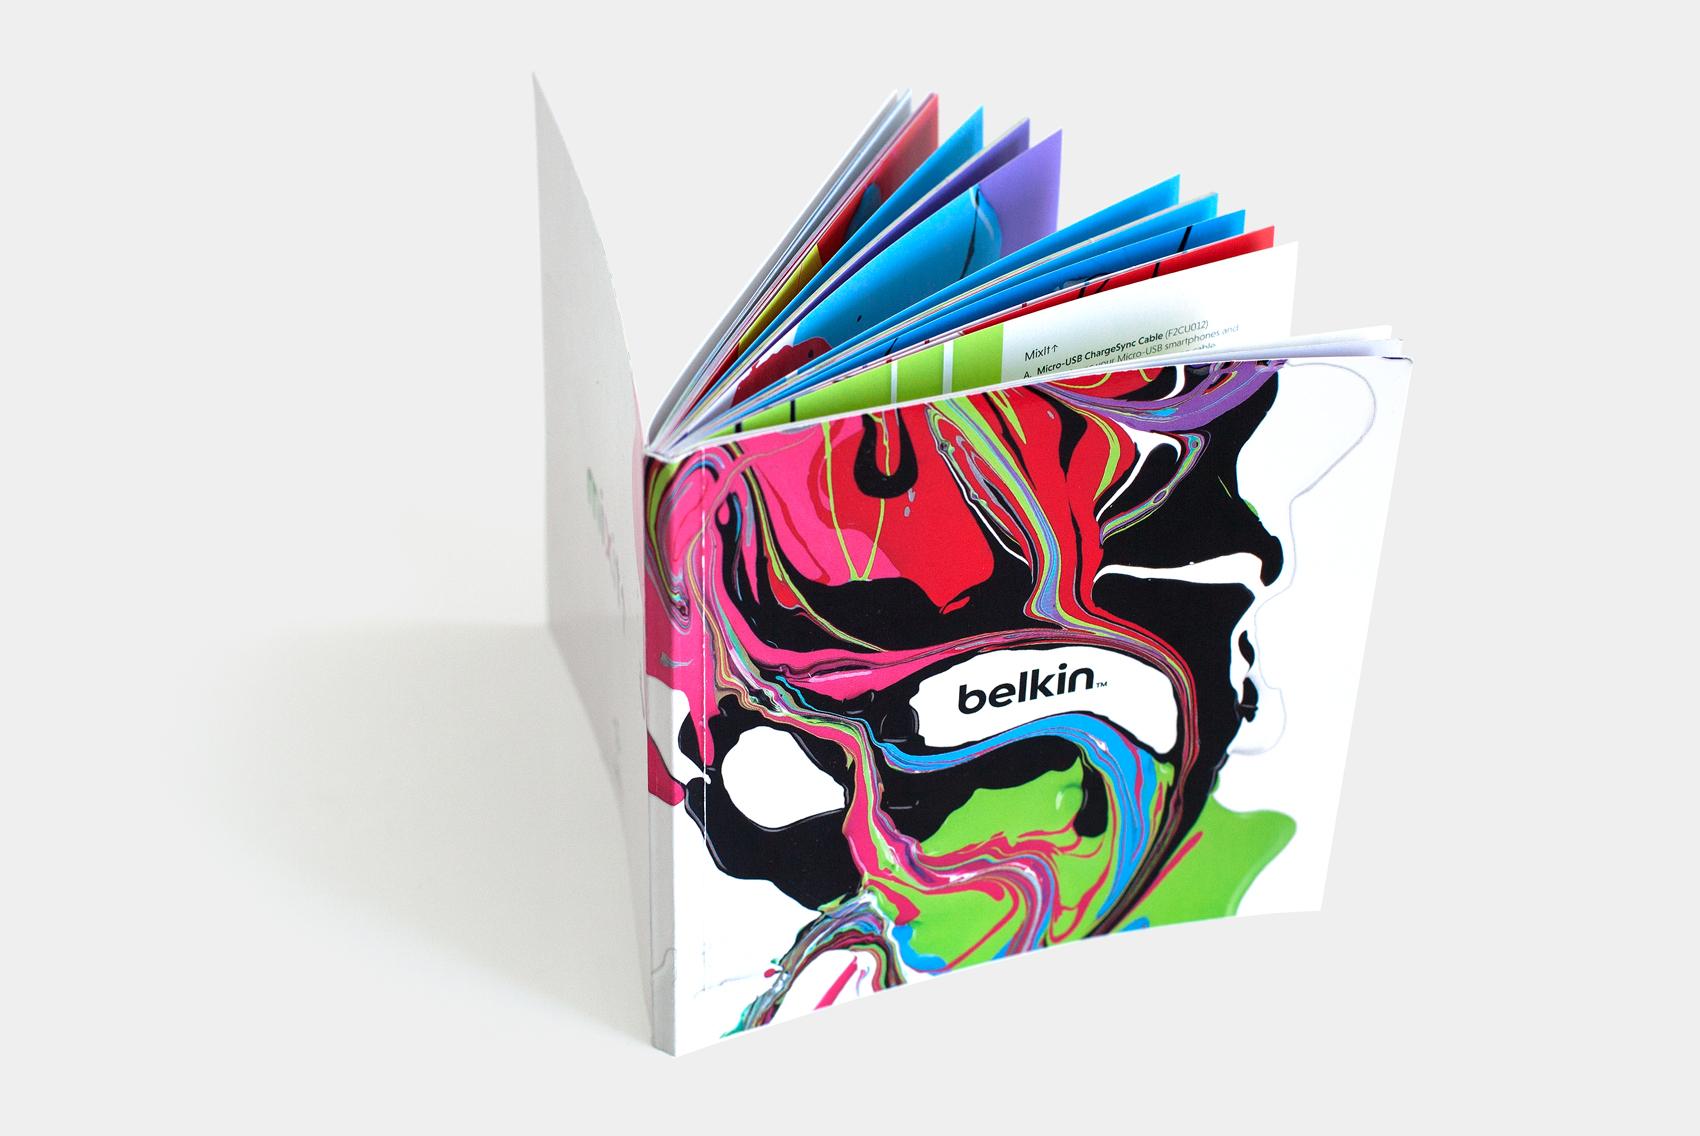 Belkin_1.jpg